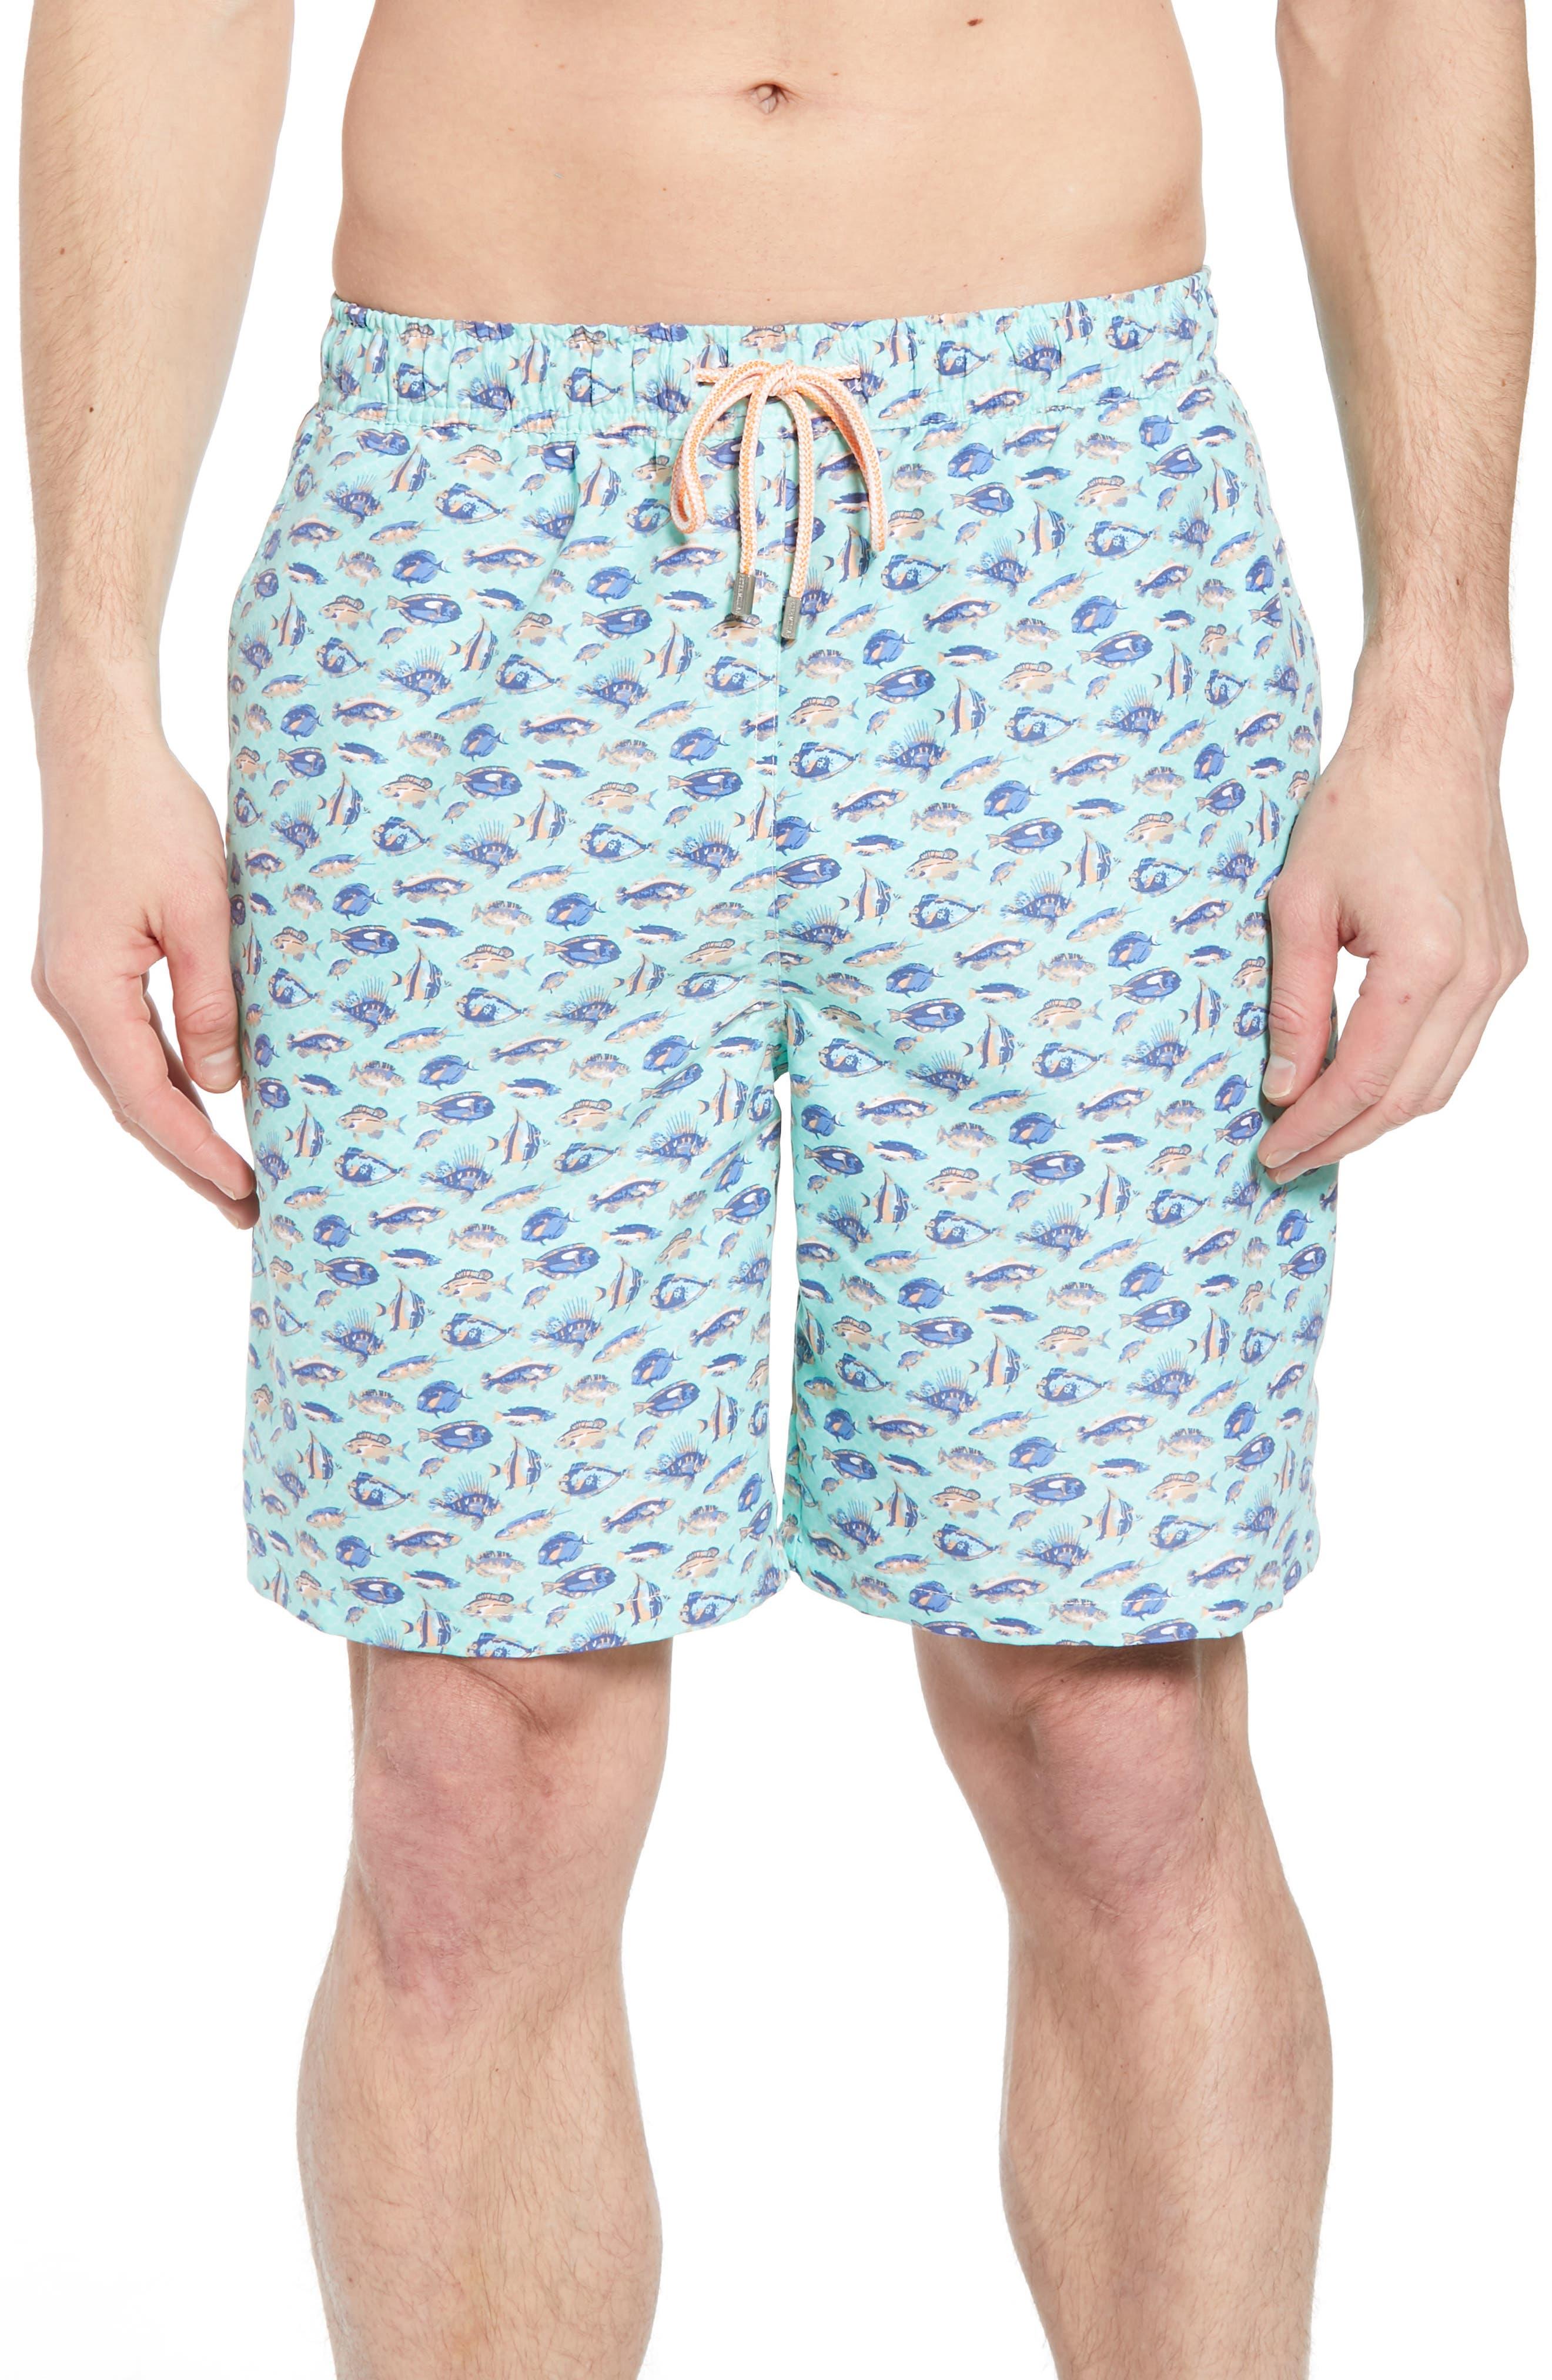 Tropical Catch Swim Trunks,                         Main,                         color, 327